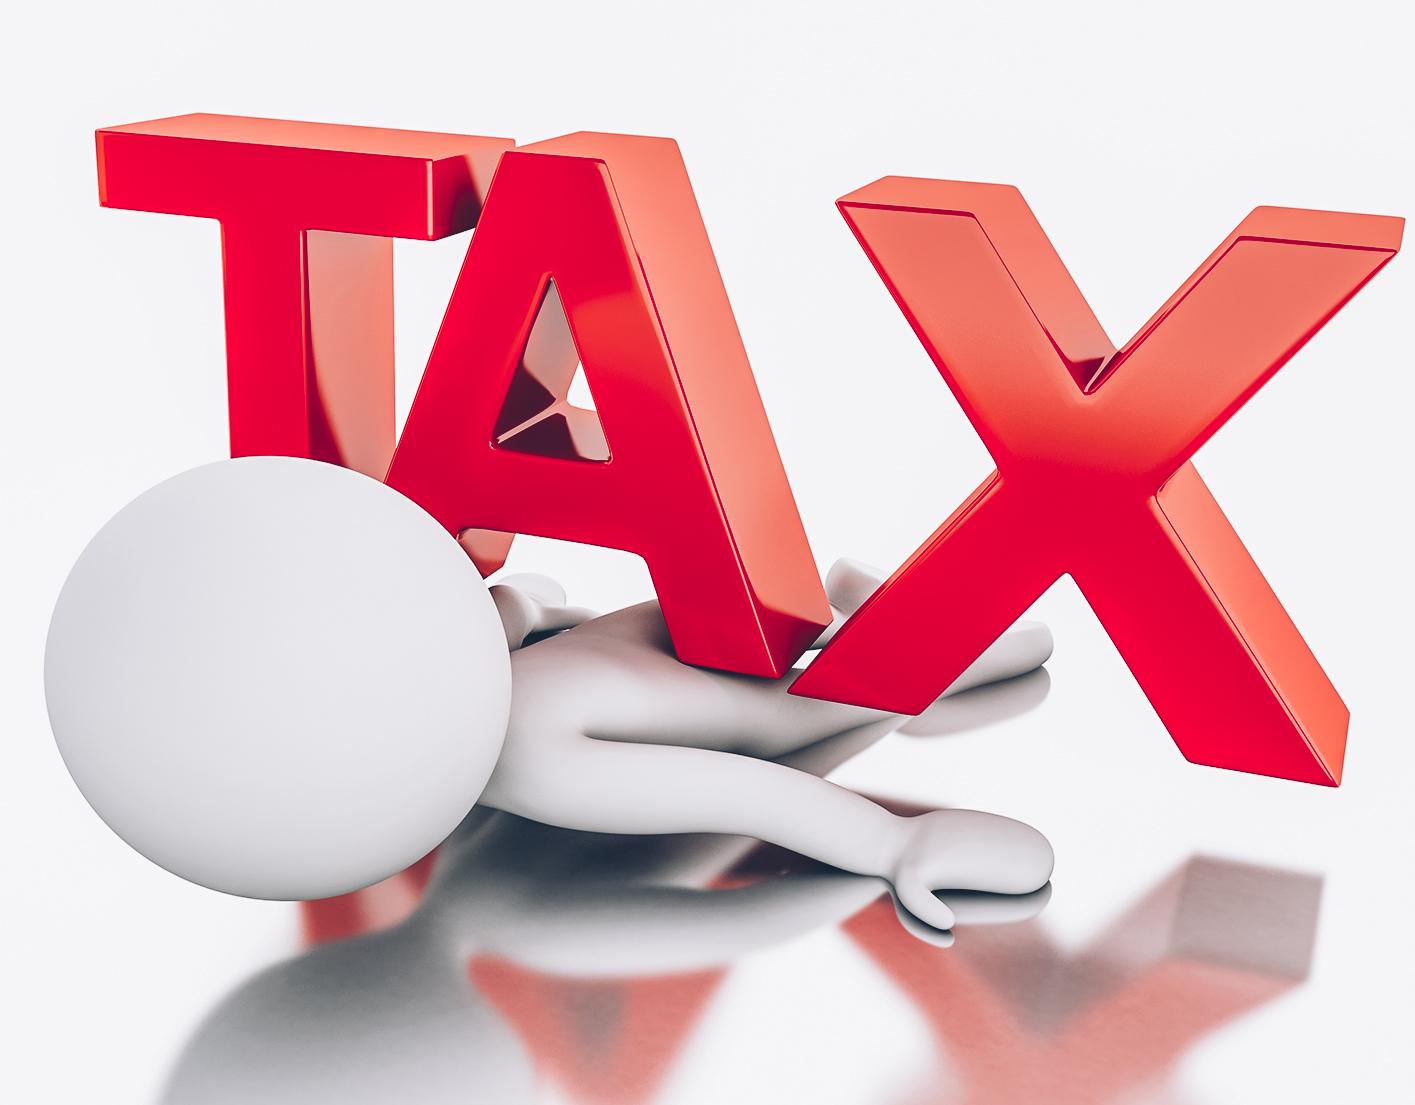 2020: Subiendo impuestos con la excusa de la lucha contra el fraude fiscal